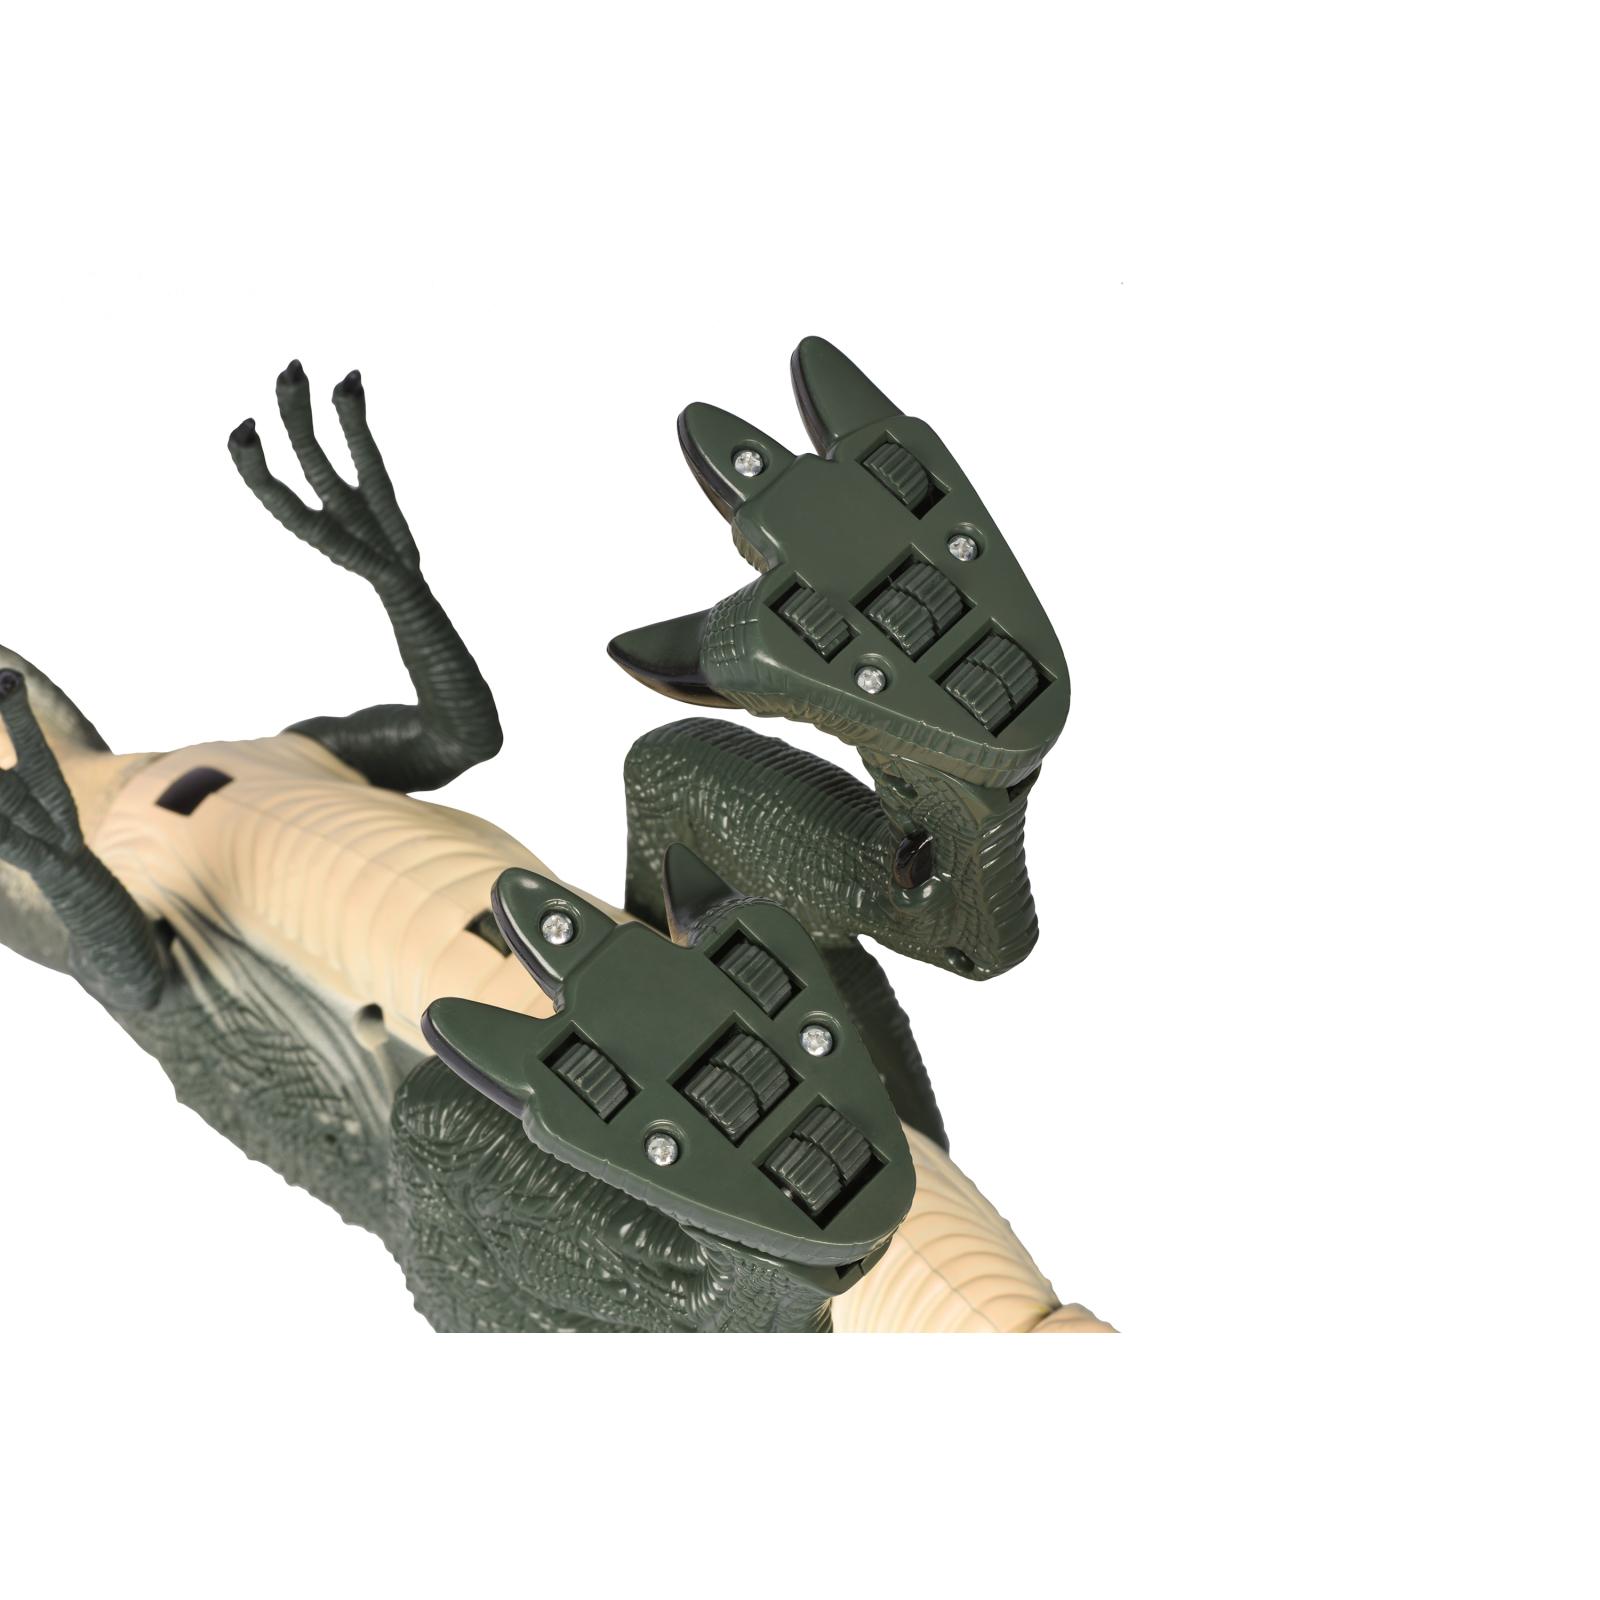 Интерактивная игрушка Same Toy Динозавр Dinosaur Planet серый со светом и звуком (RS6134Ut) изображение 7